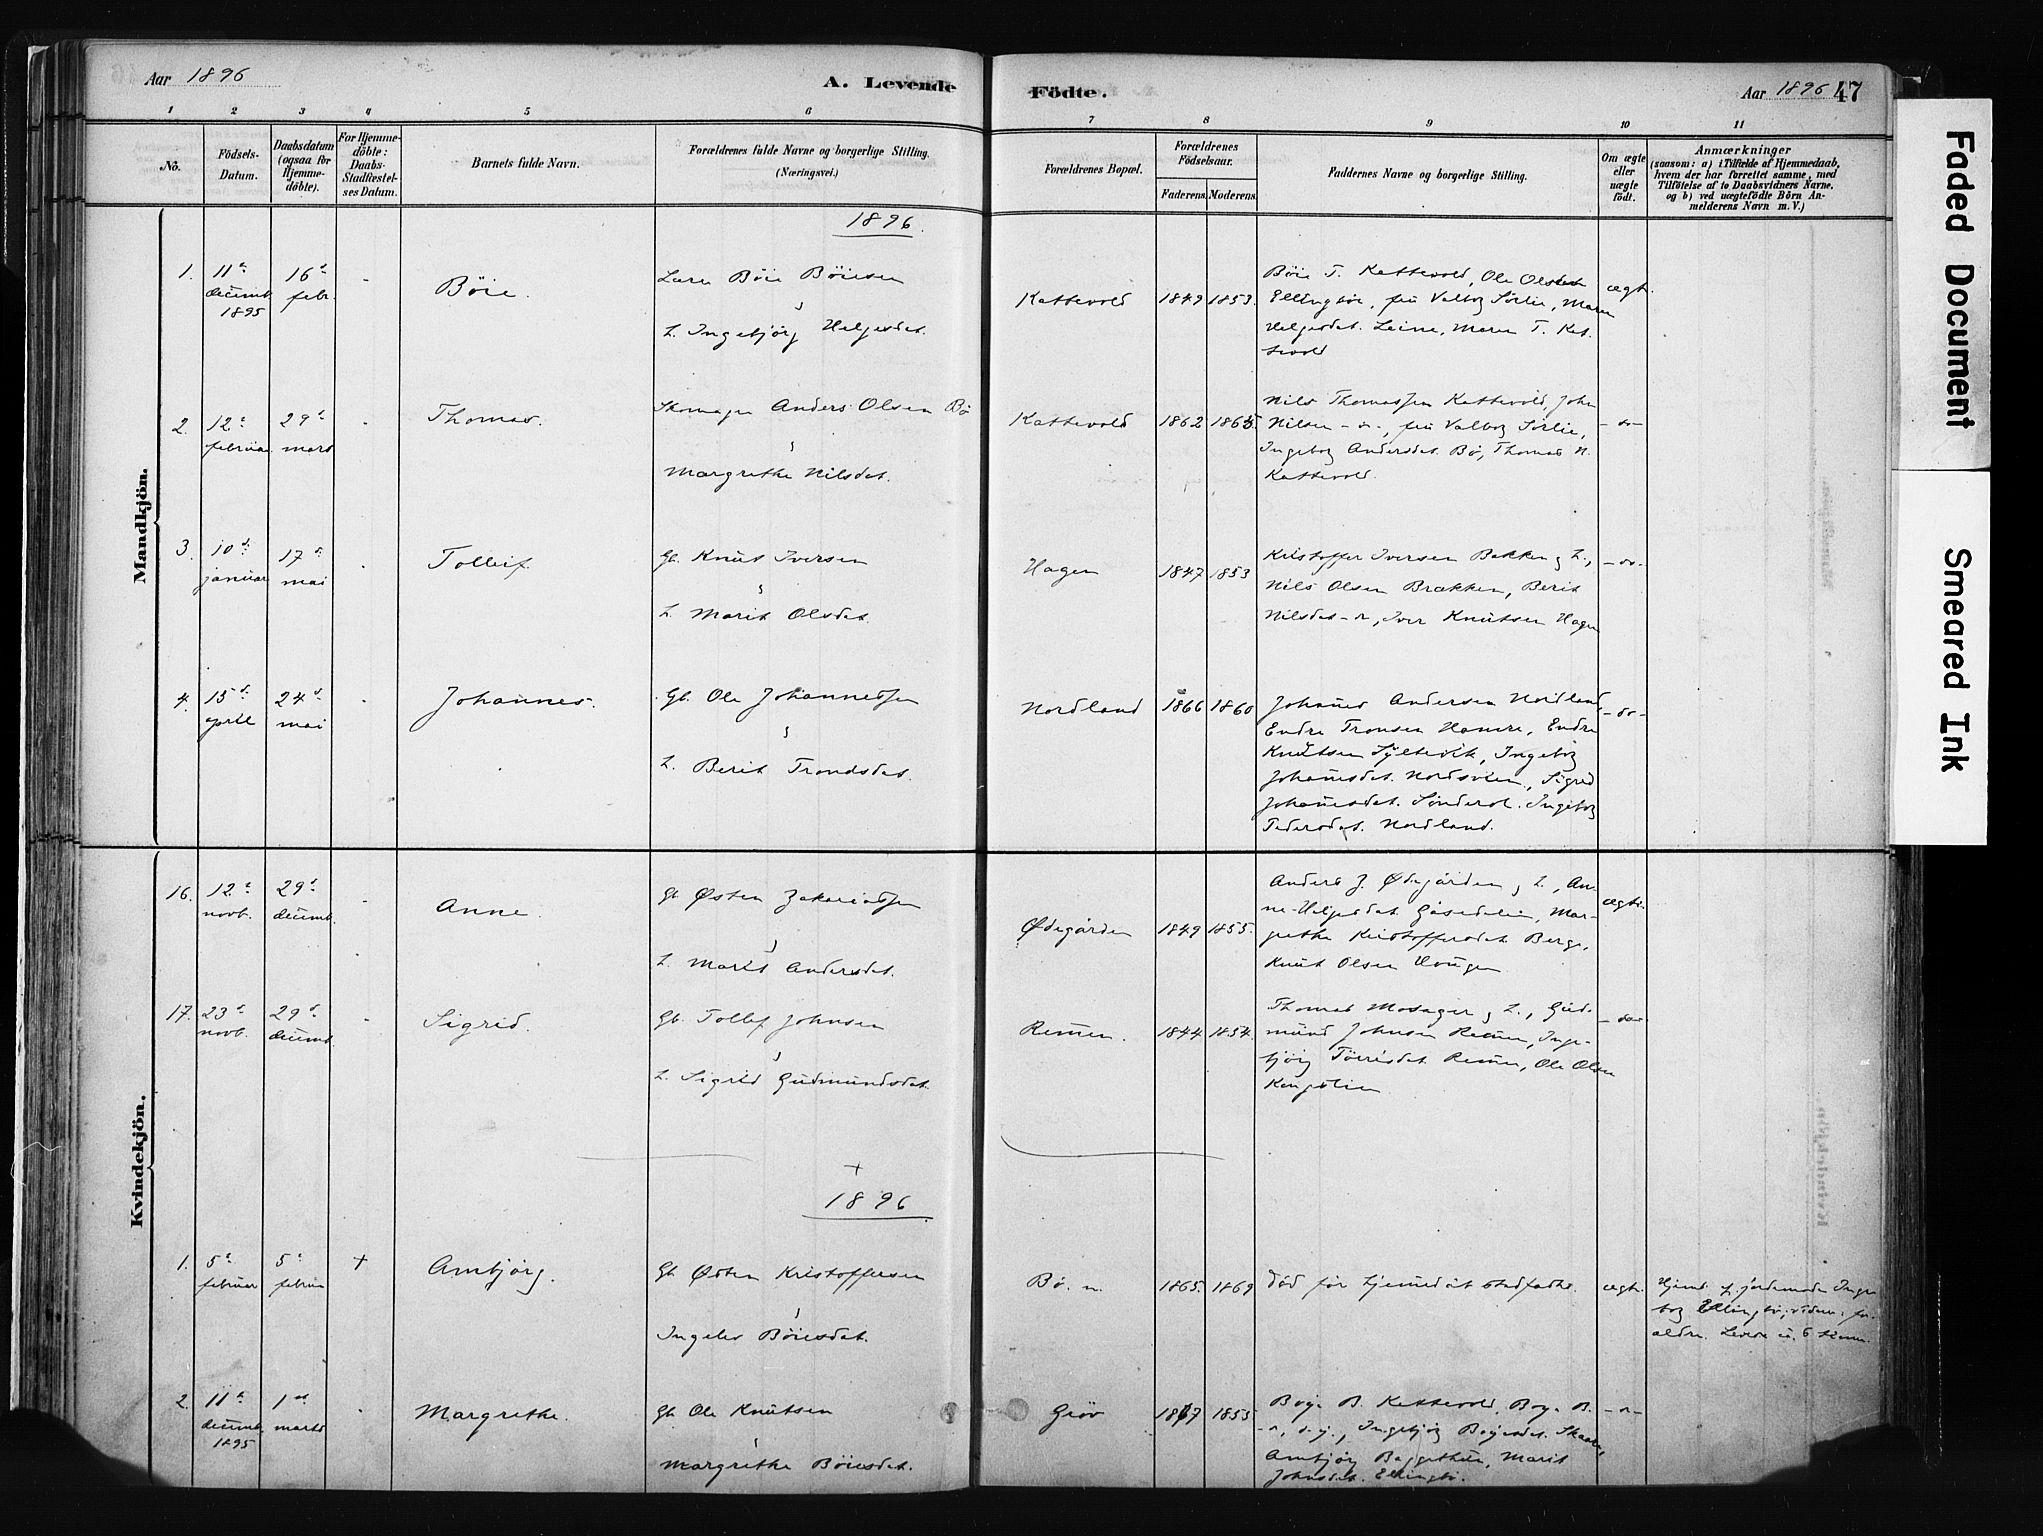 SAH, Vang prestekontor, Valdres, Ministerialbok nr. 8, 1882-1910, s. 47